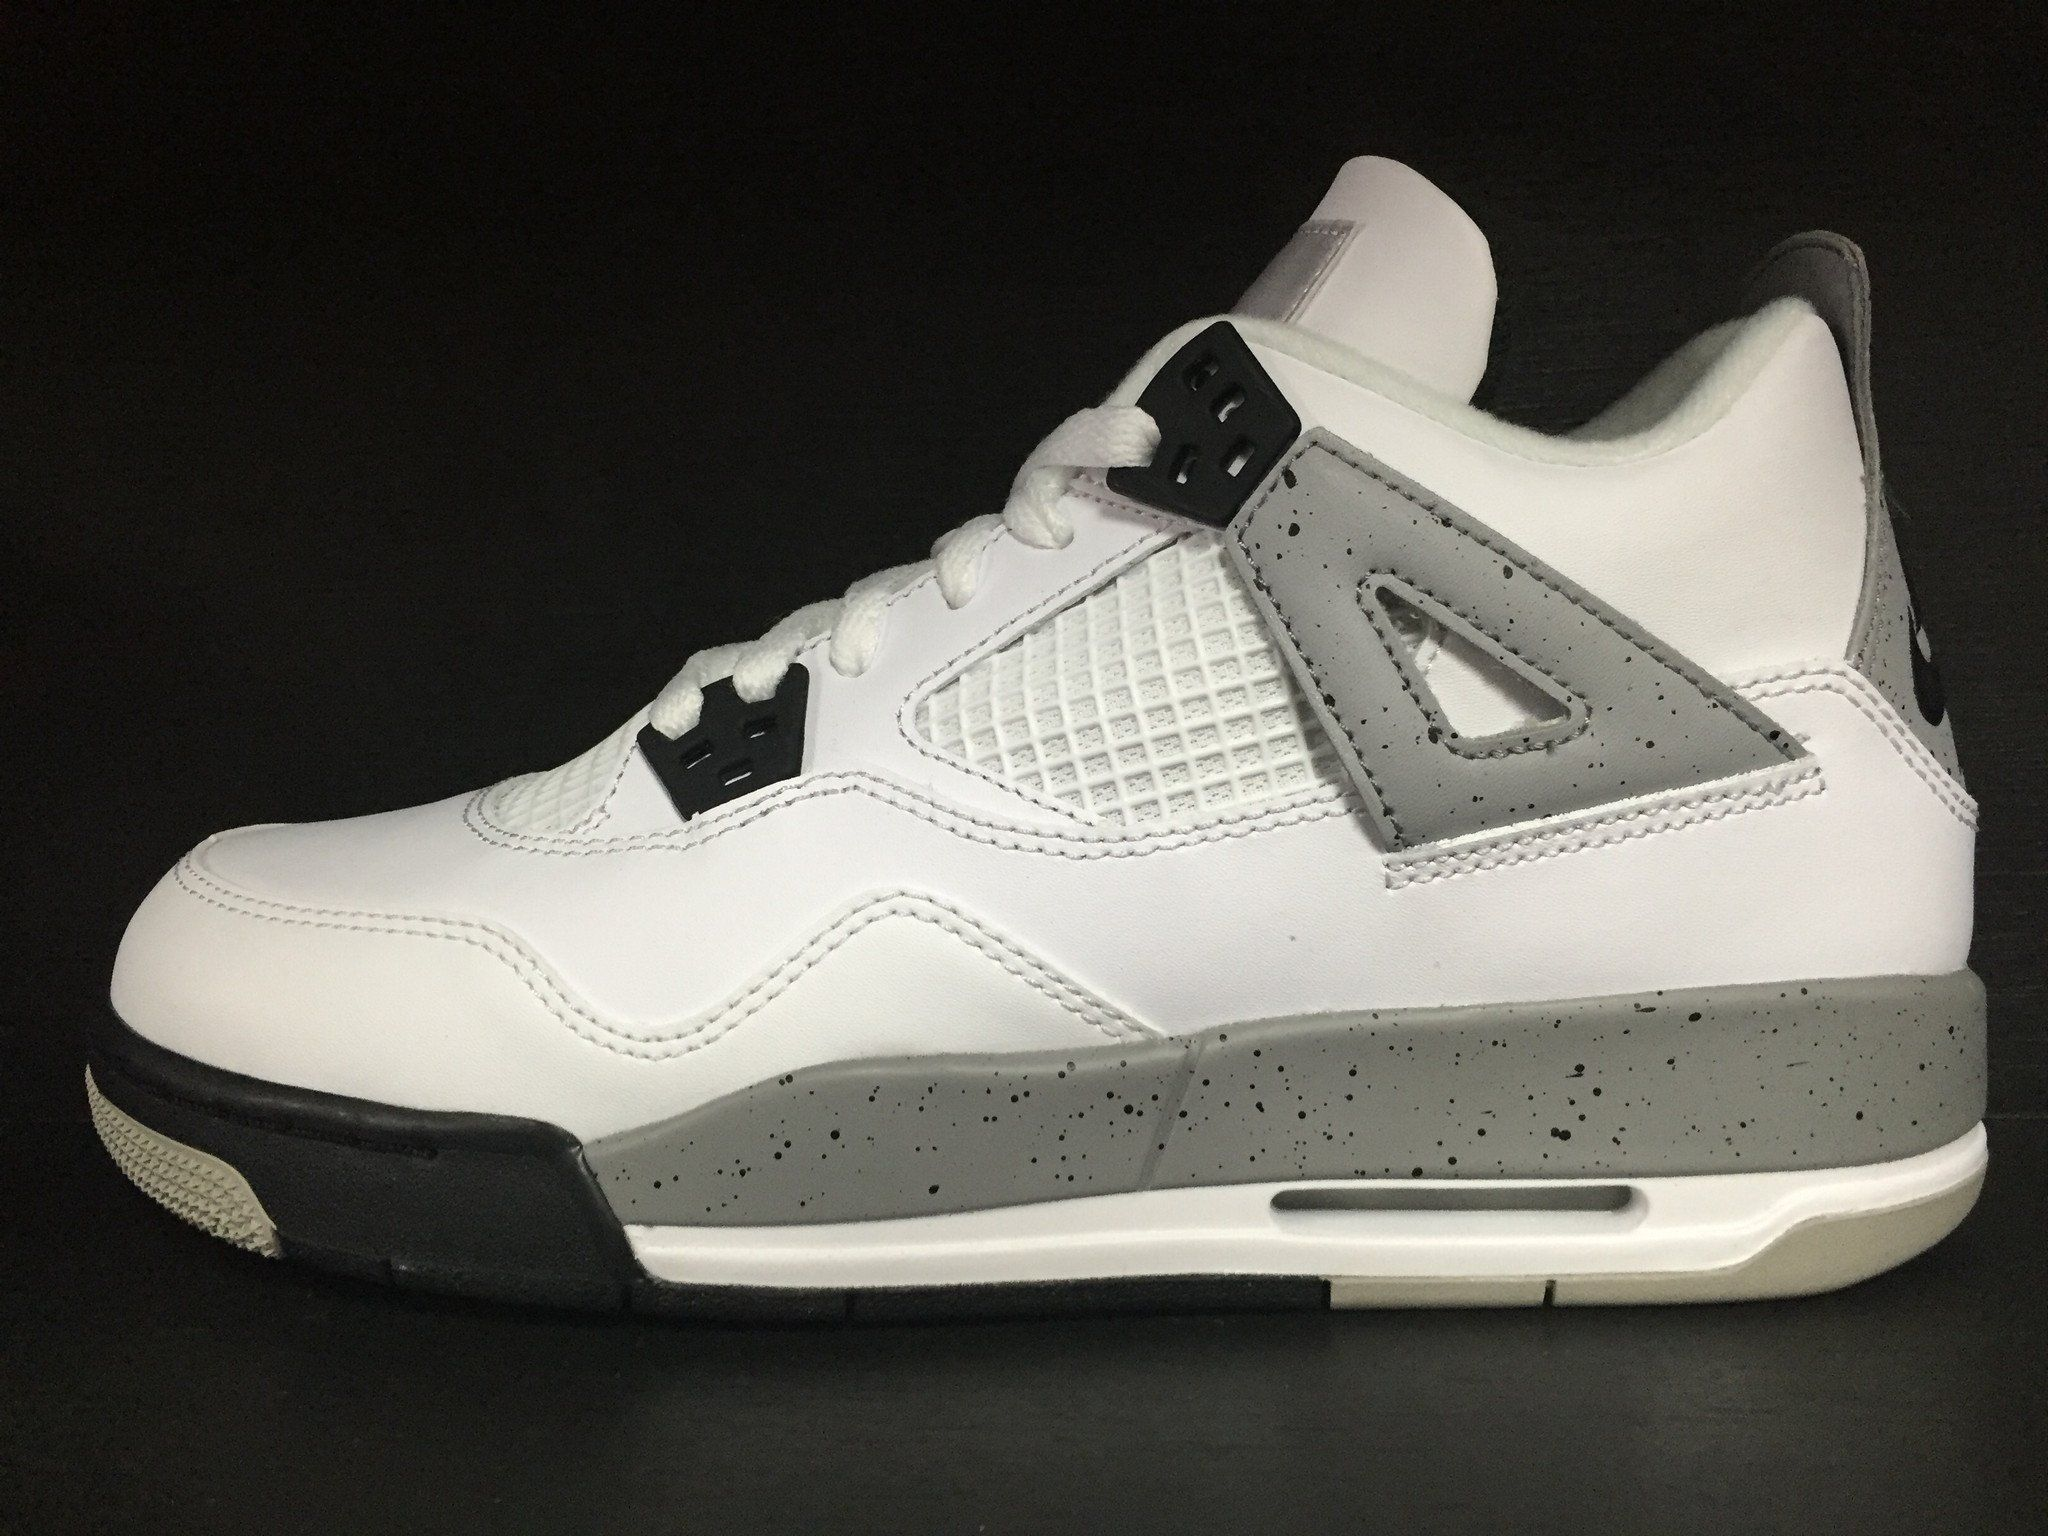 856e3c47a187ce Air Jordan 4 Retro OG  White Cement  GS